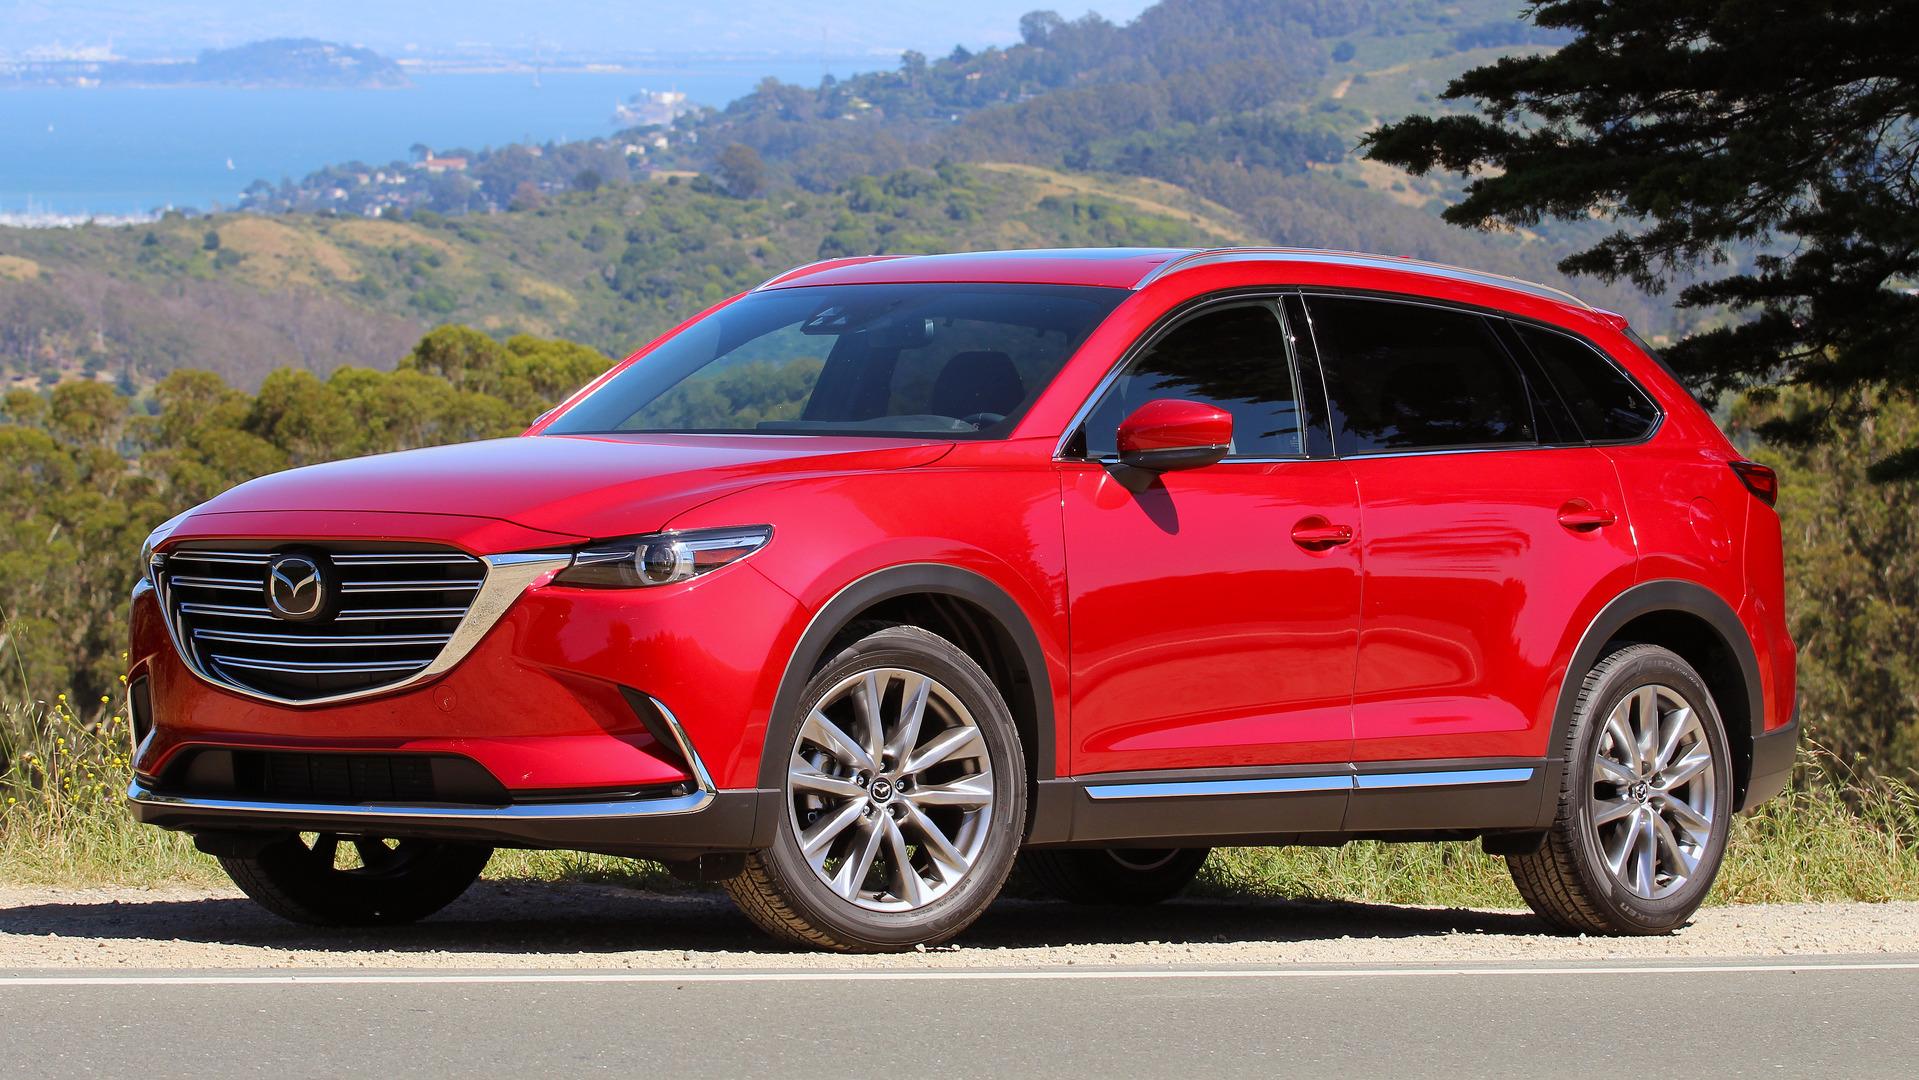 First Drive: 2016 Mazda CX-9